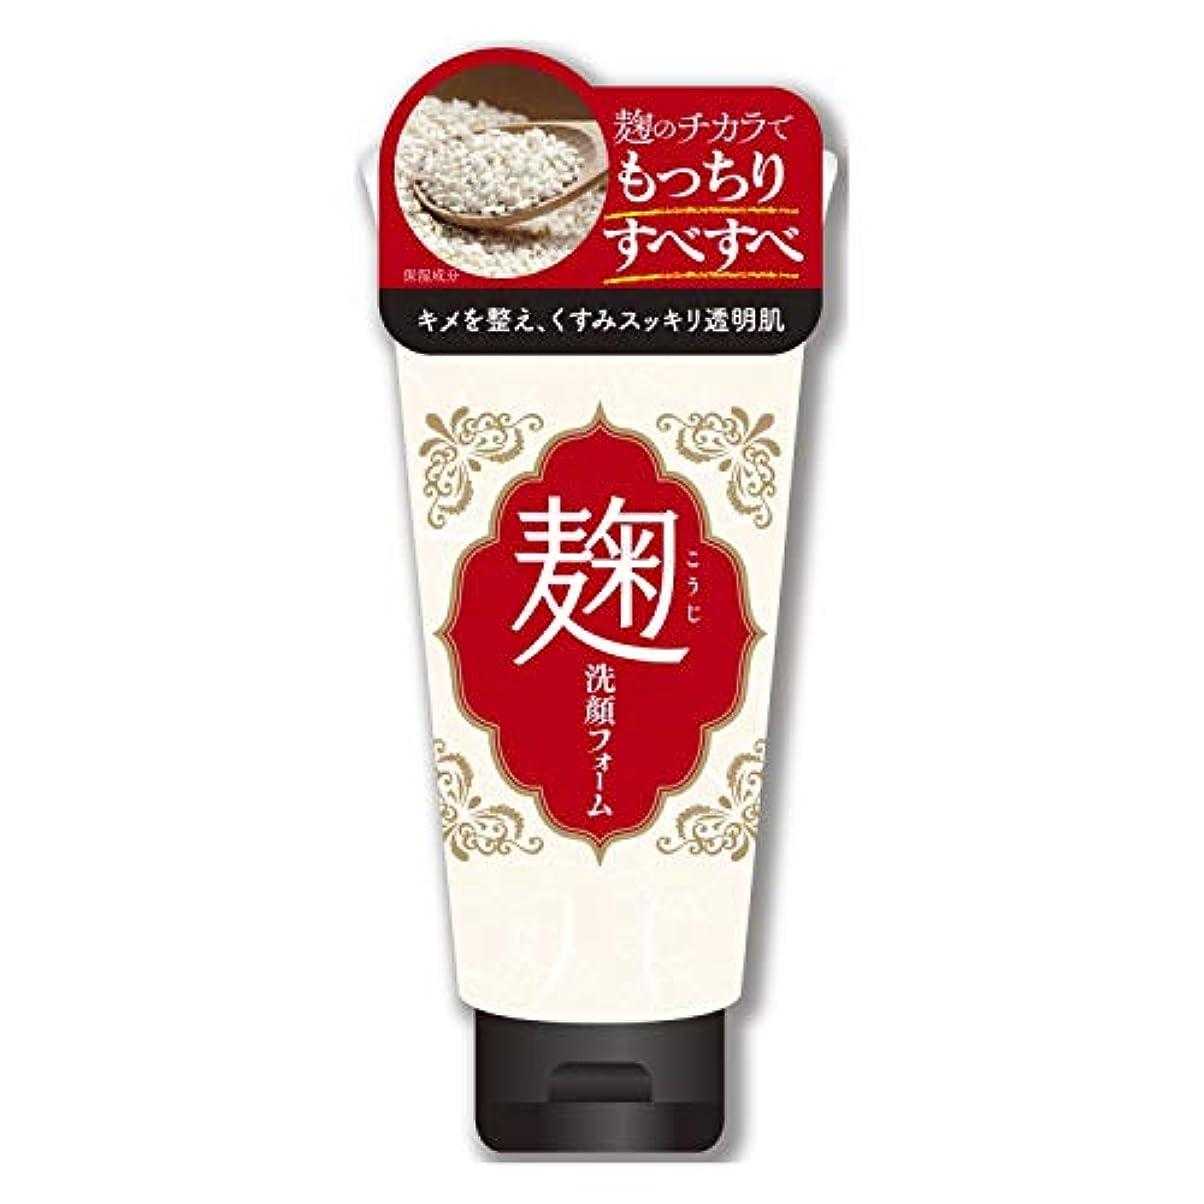 聖職者絞るトリプルユゼ 麹配合美肌洗顔フォーム 130g